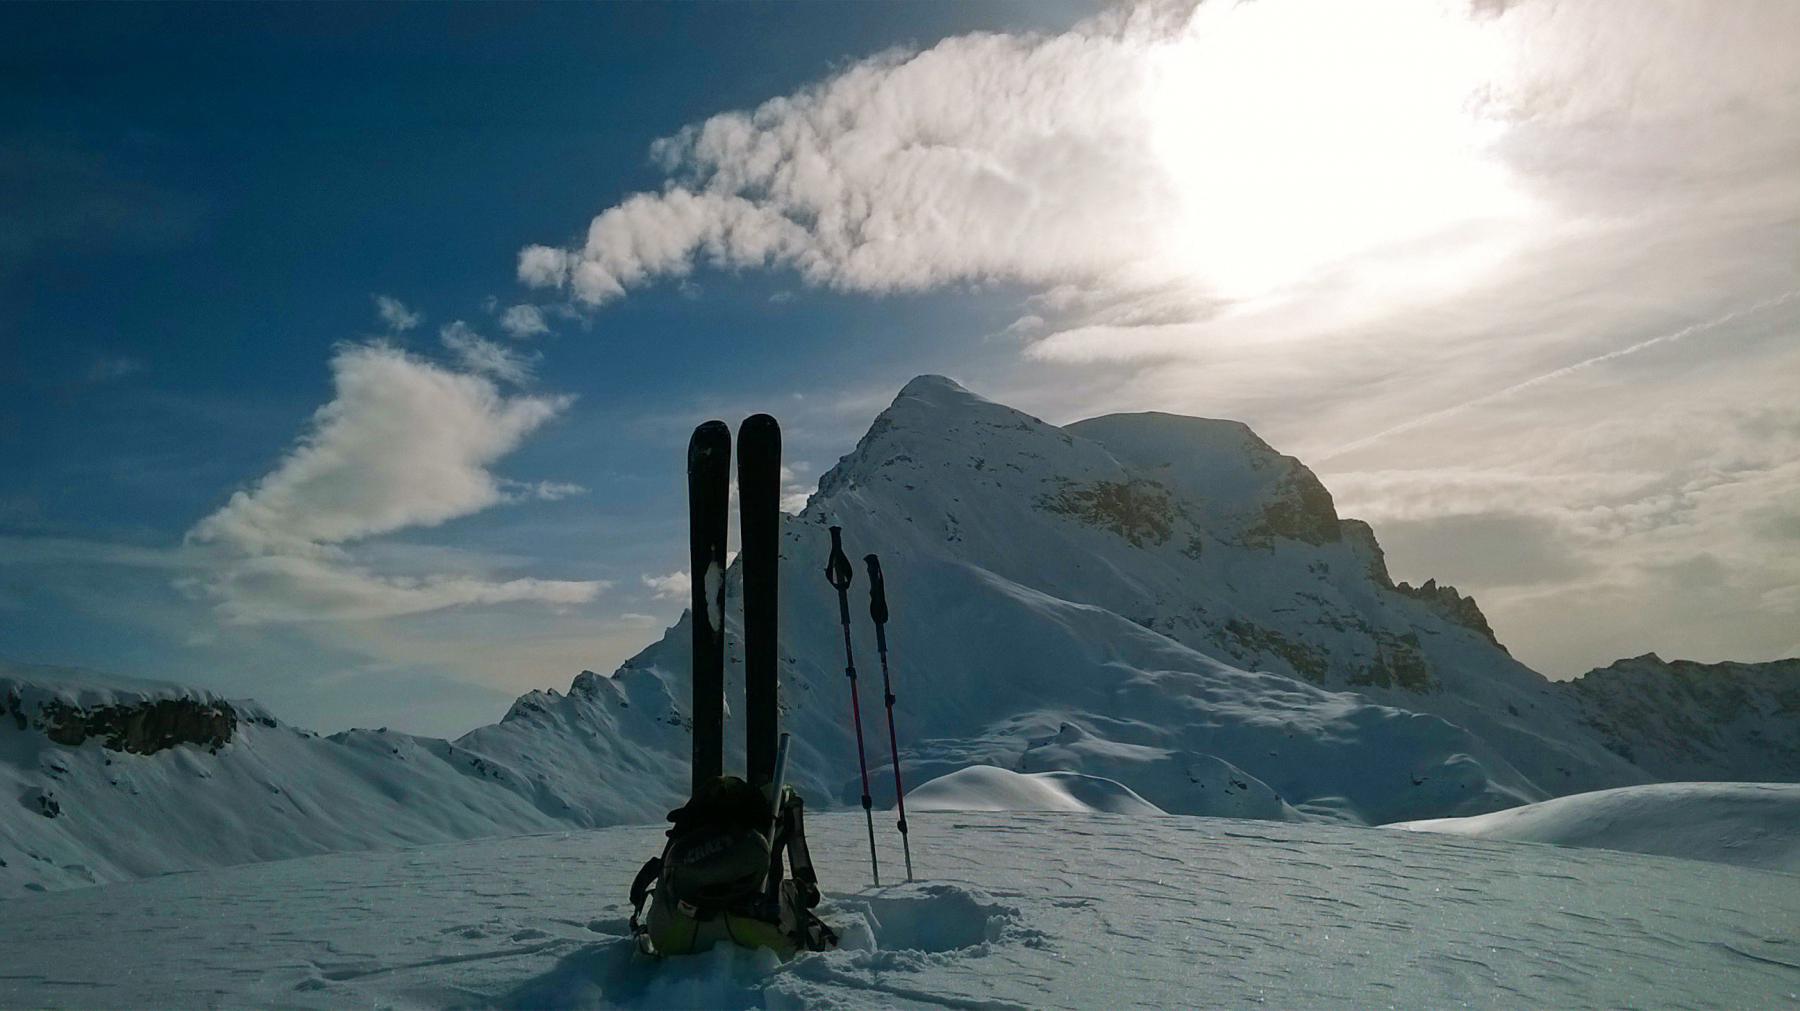 Cime Bianche Sud (Colle delle) da strada Valtournenche-Cheneil 2014-11-23